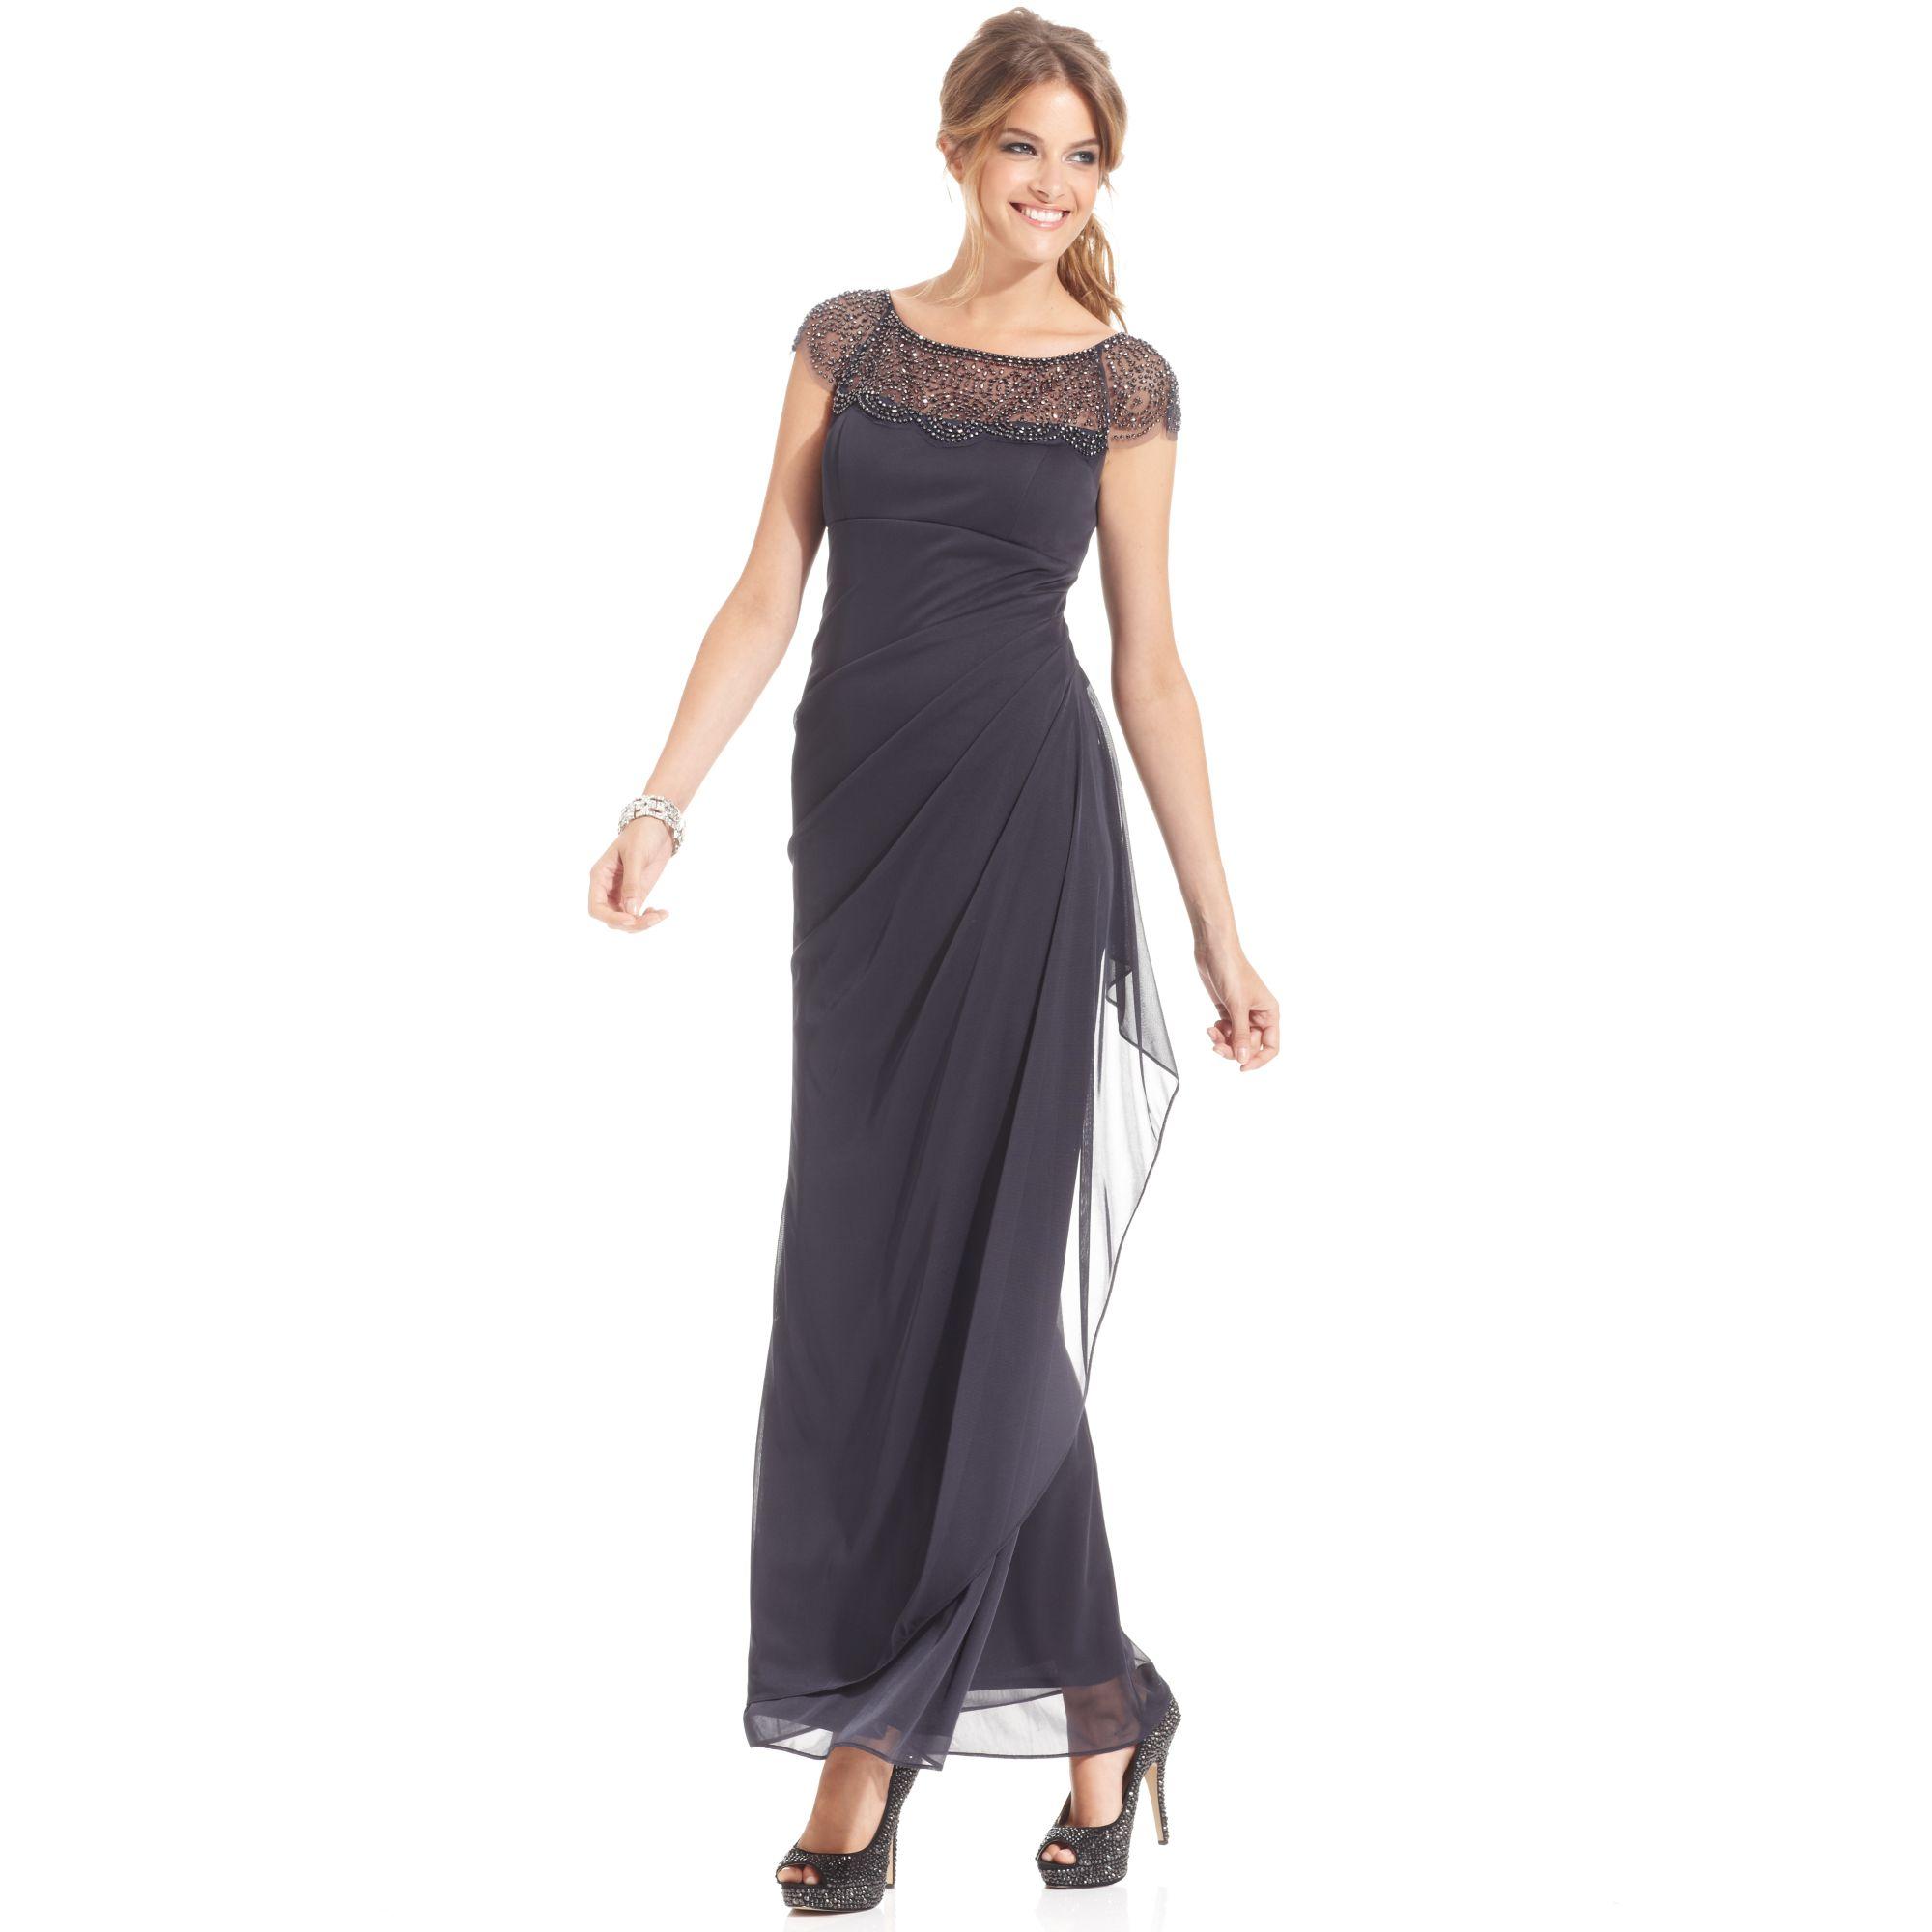 X Scape Dresses